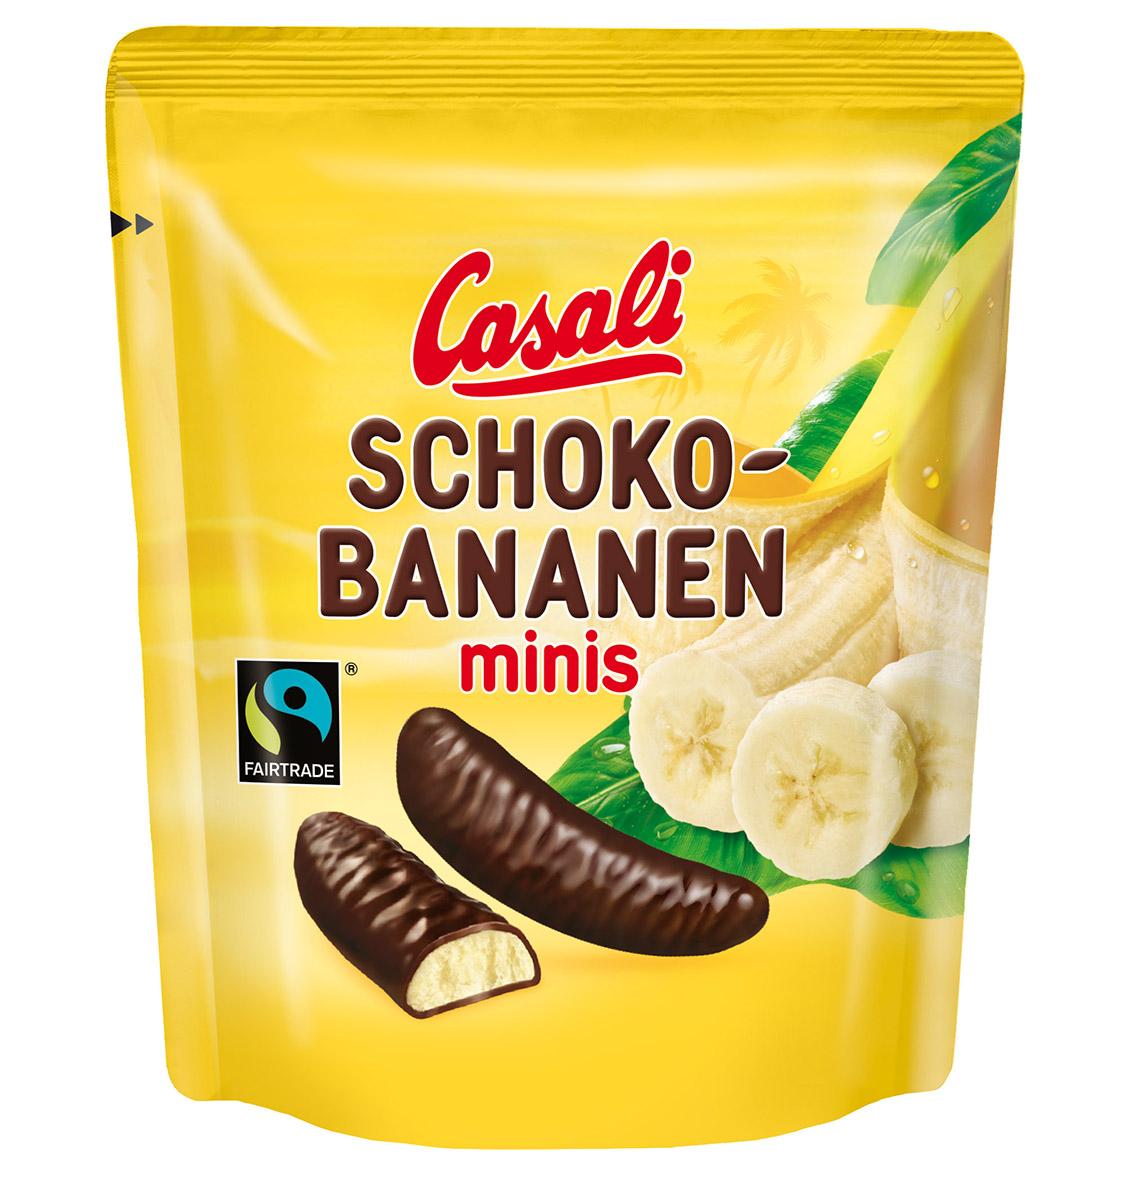 Schoko-Bananen mini